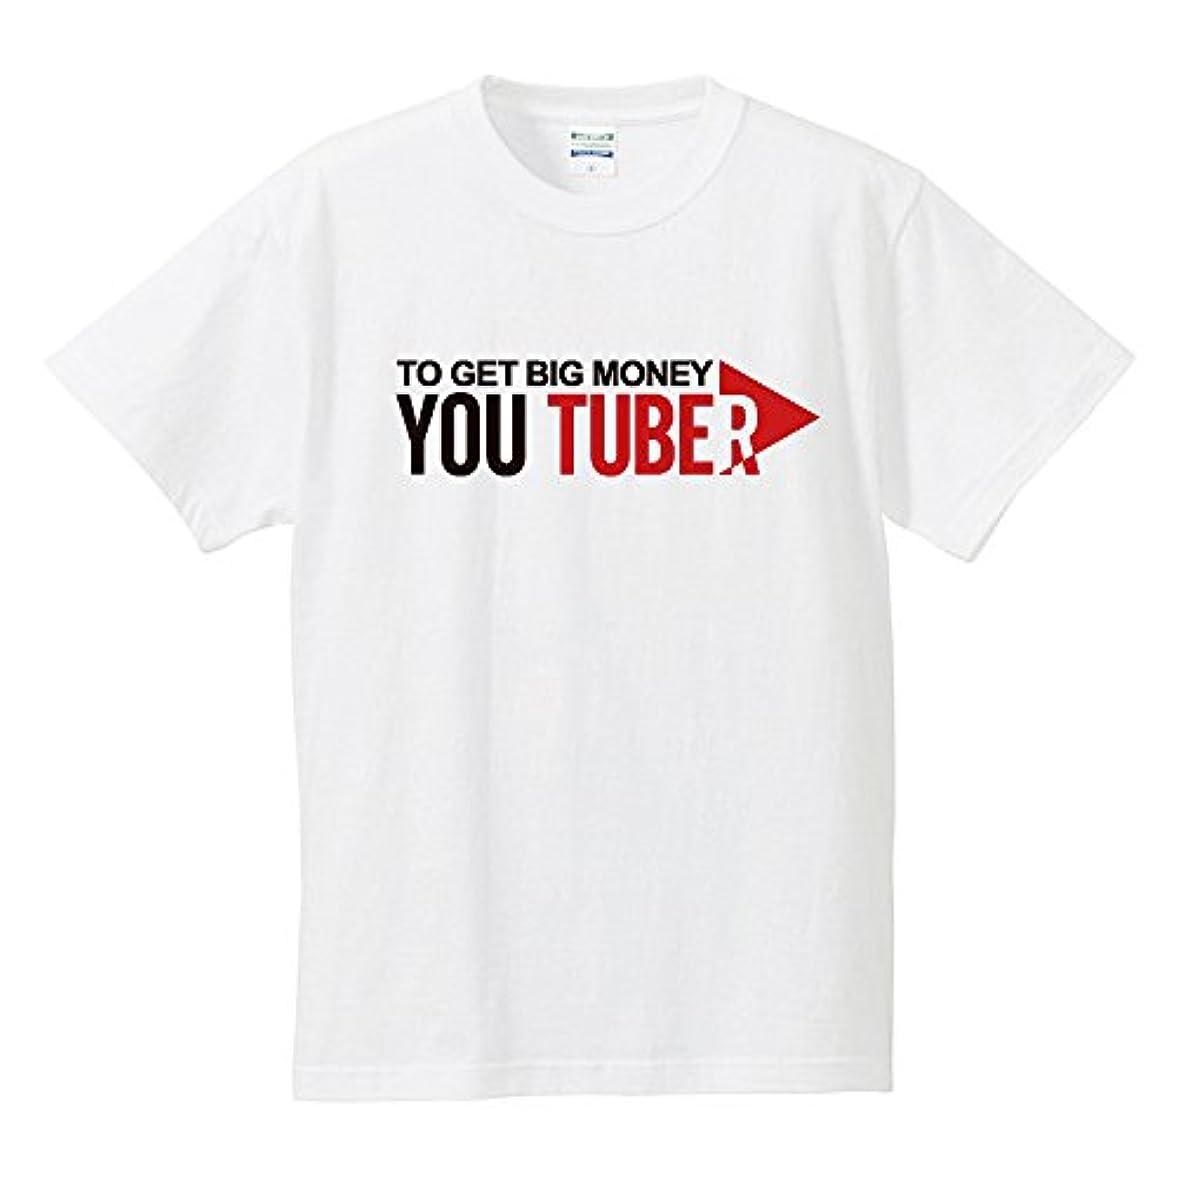 パール辞任する予防接種Youtuber ユーチューバー Tシャツ ホワイト 001